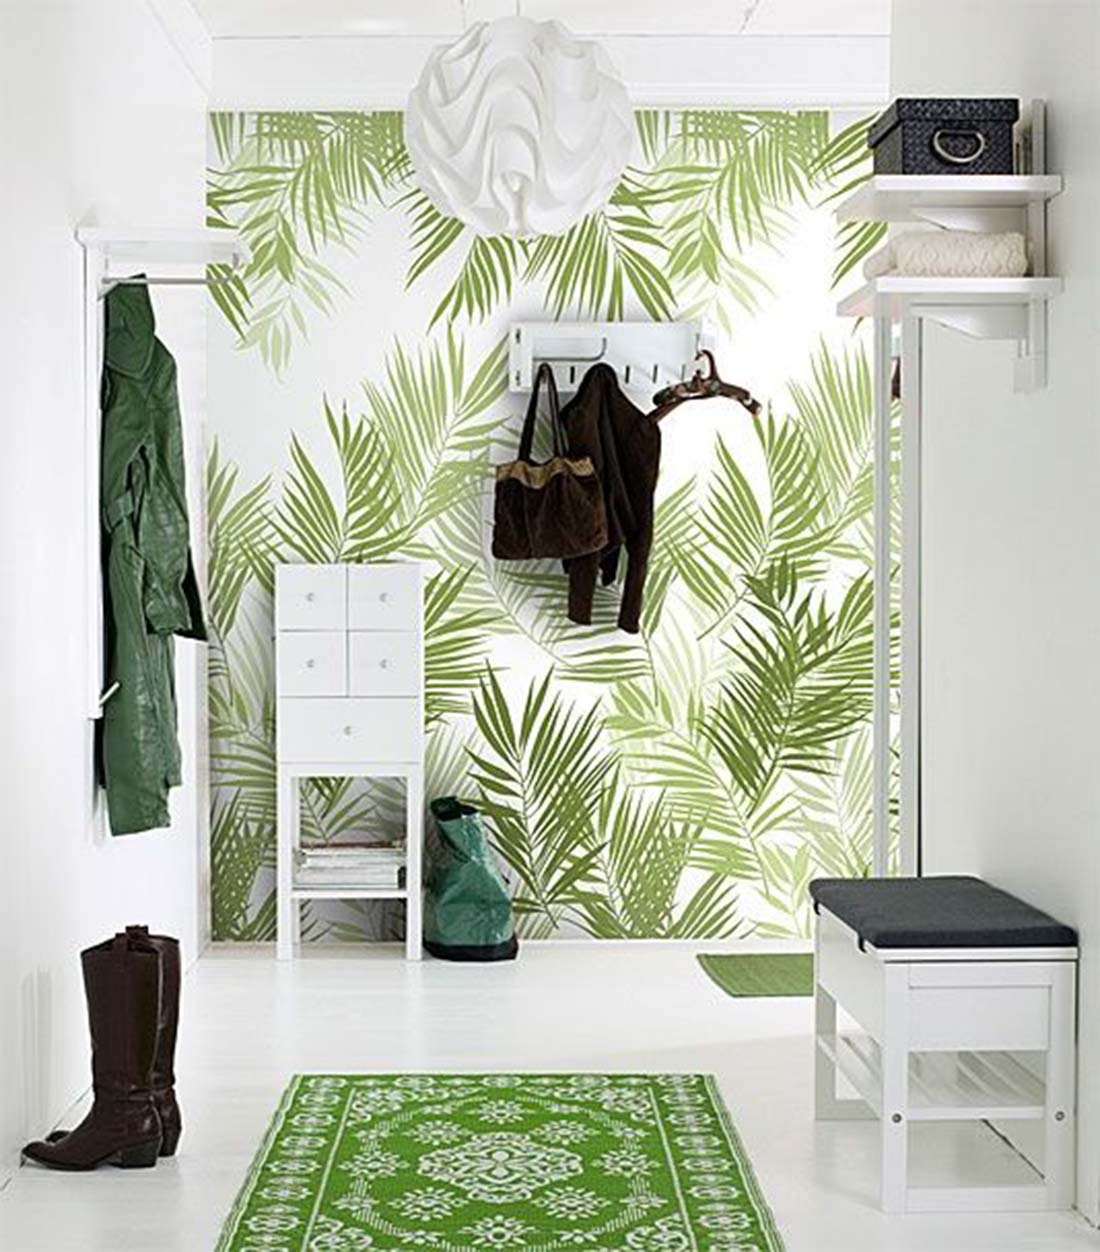 Ha nem tetszik a fonott bútor/kiegészítő, akkor a pálmaleveles poszter mellé a fehér bútor is tökéletes néhány zöld textillel kombinálva.